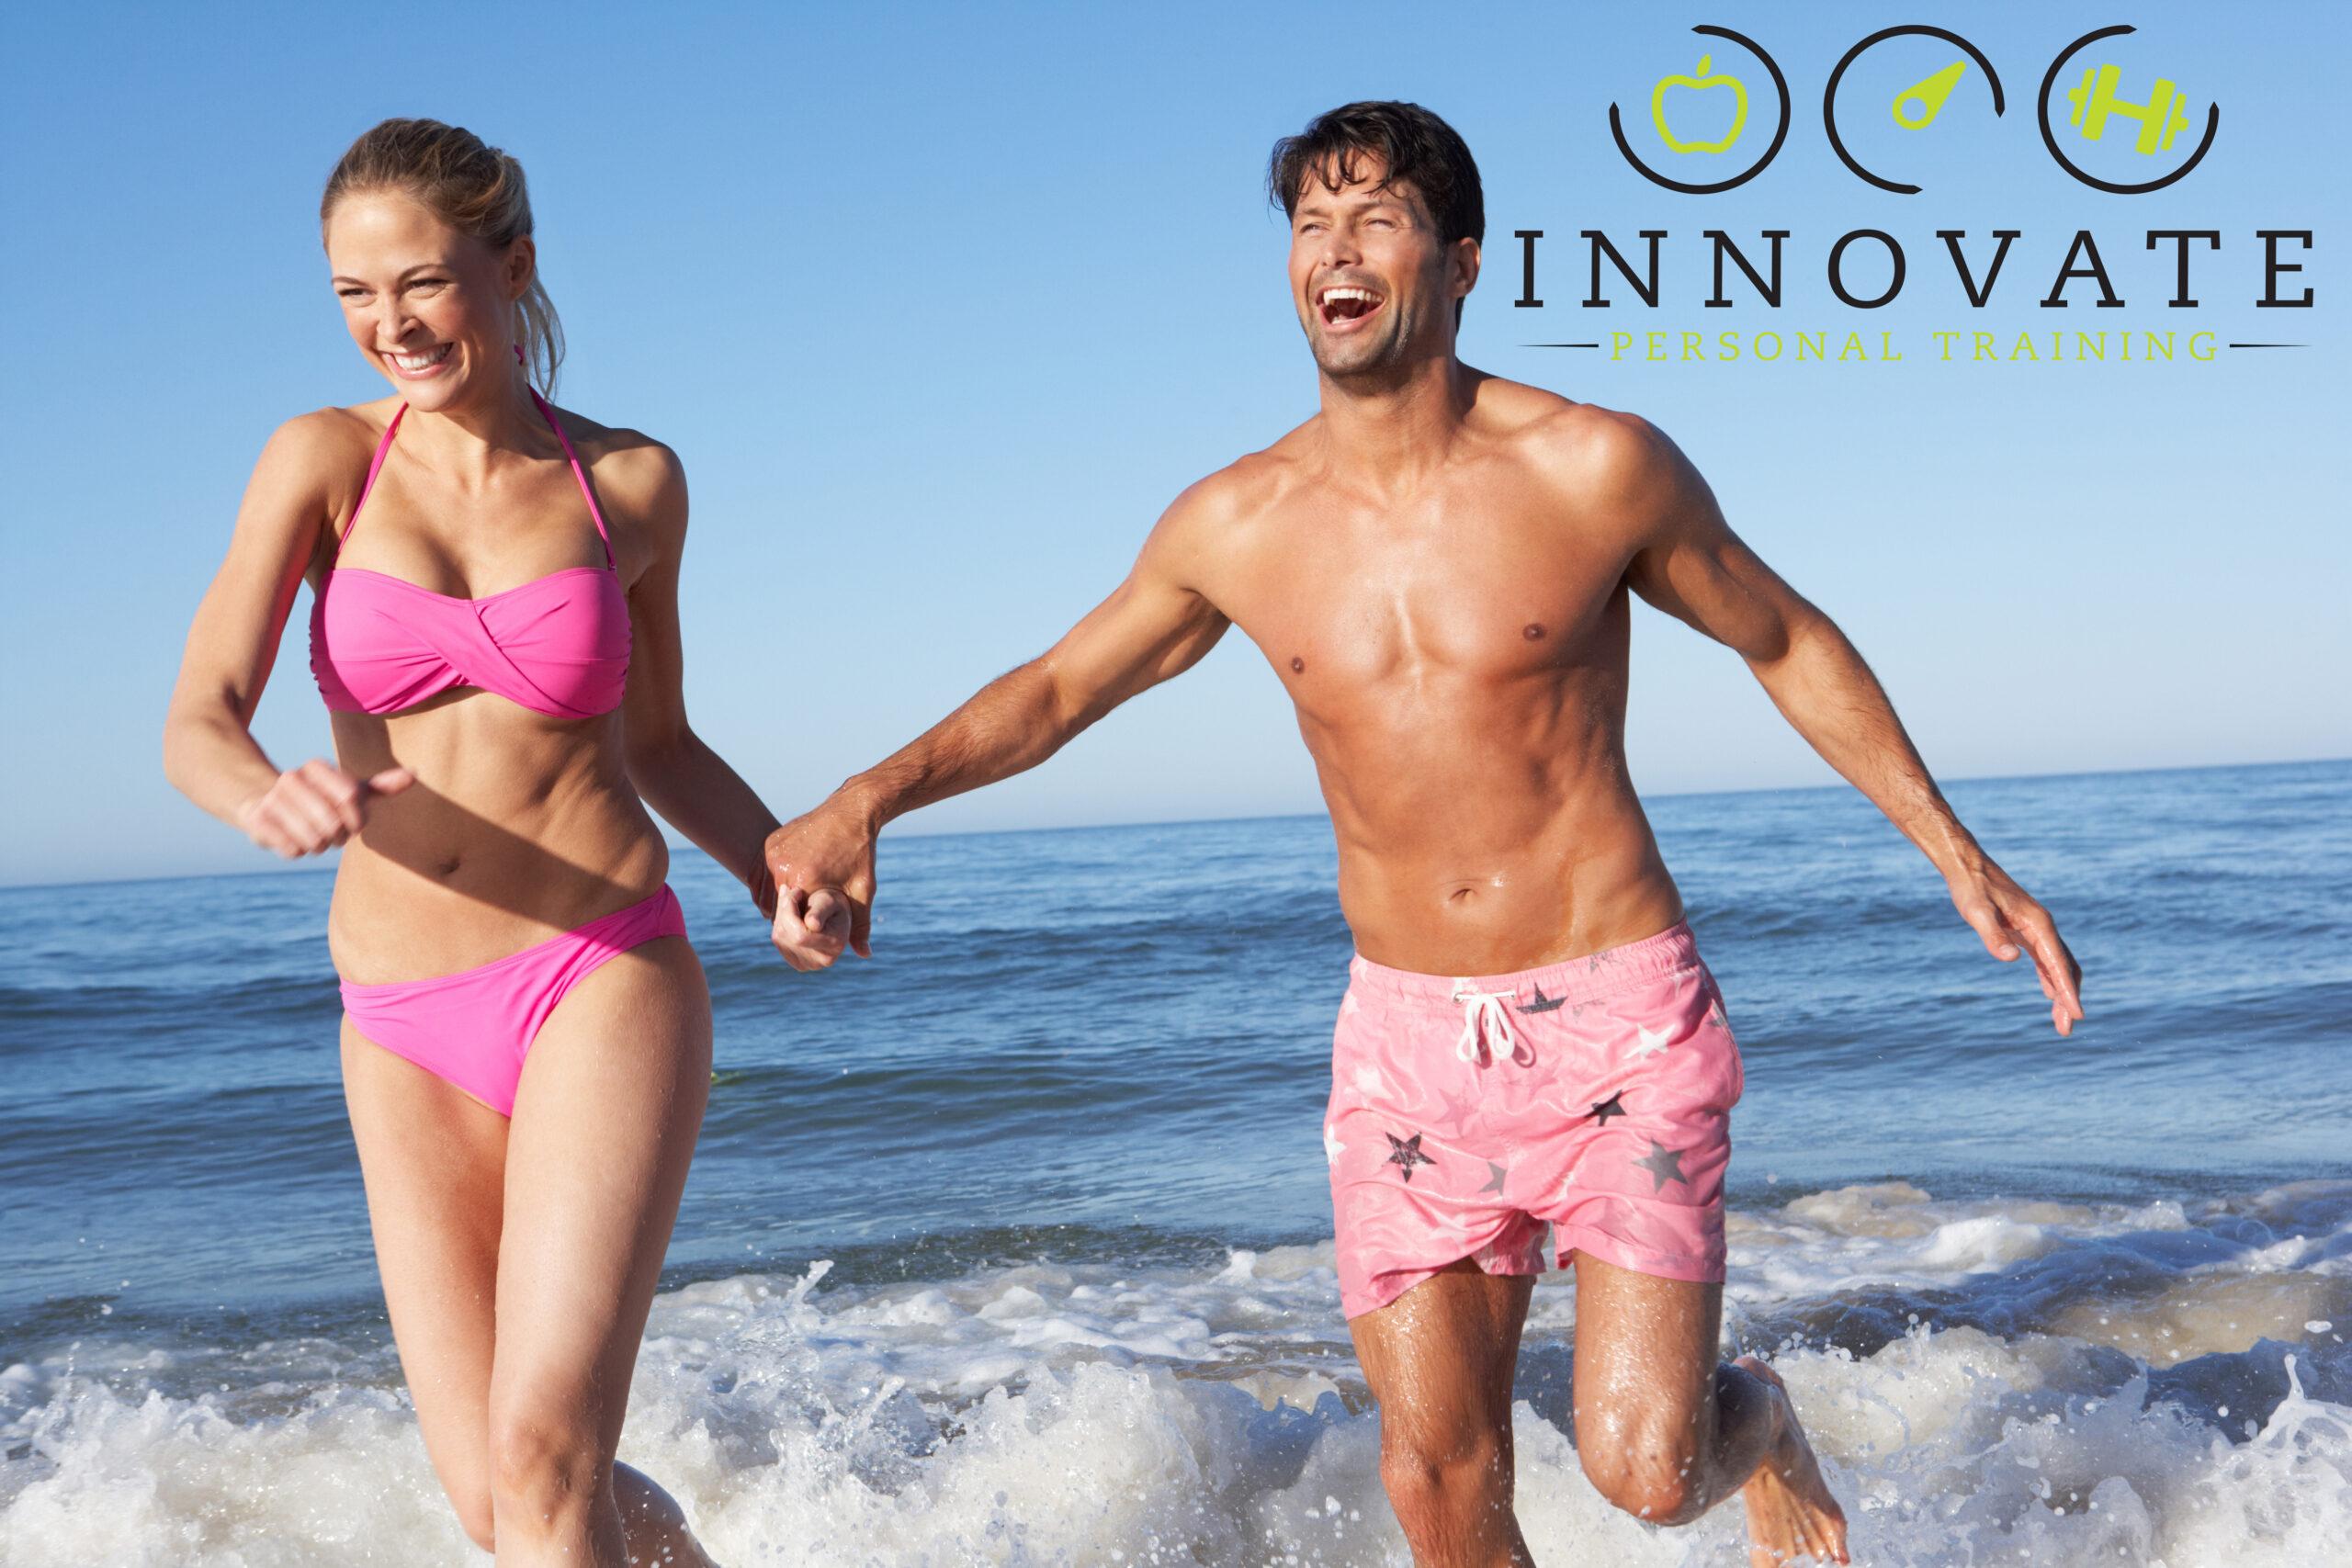 Summer shape Innovate